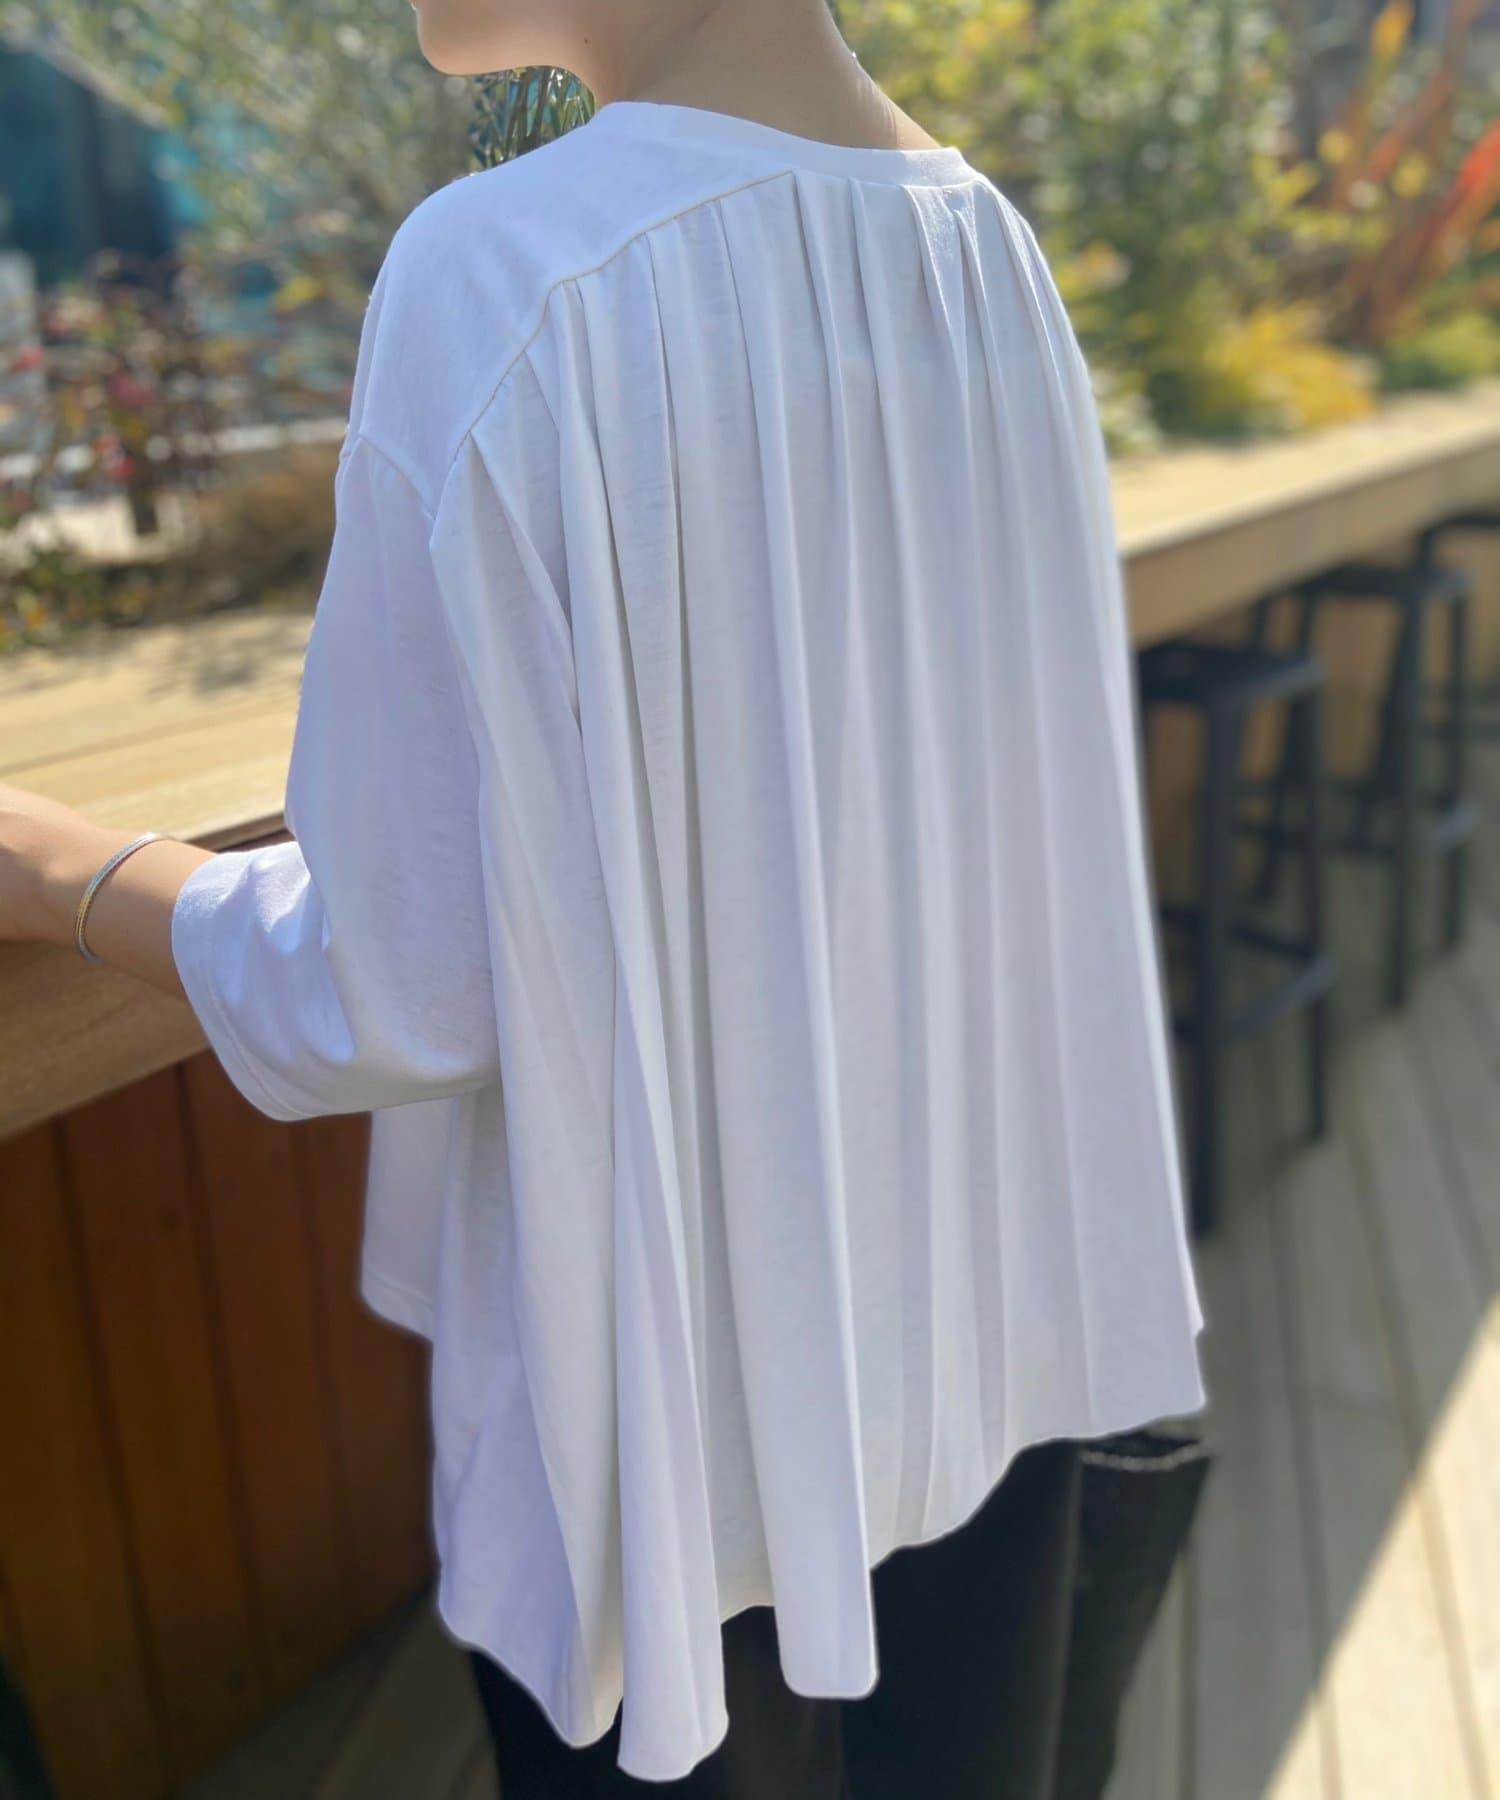 BEARDSLEY(ビアズリー) 《5/3(月)12:00 予約スタート》後ろプリーツユルTシャツ